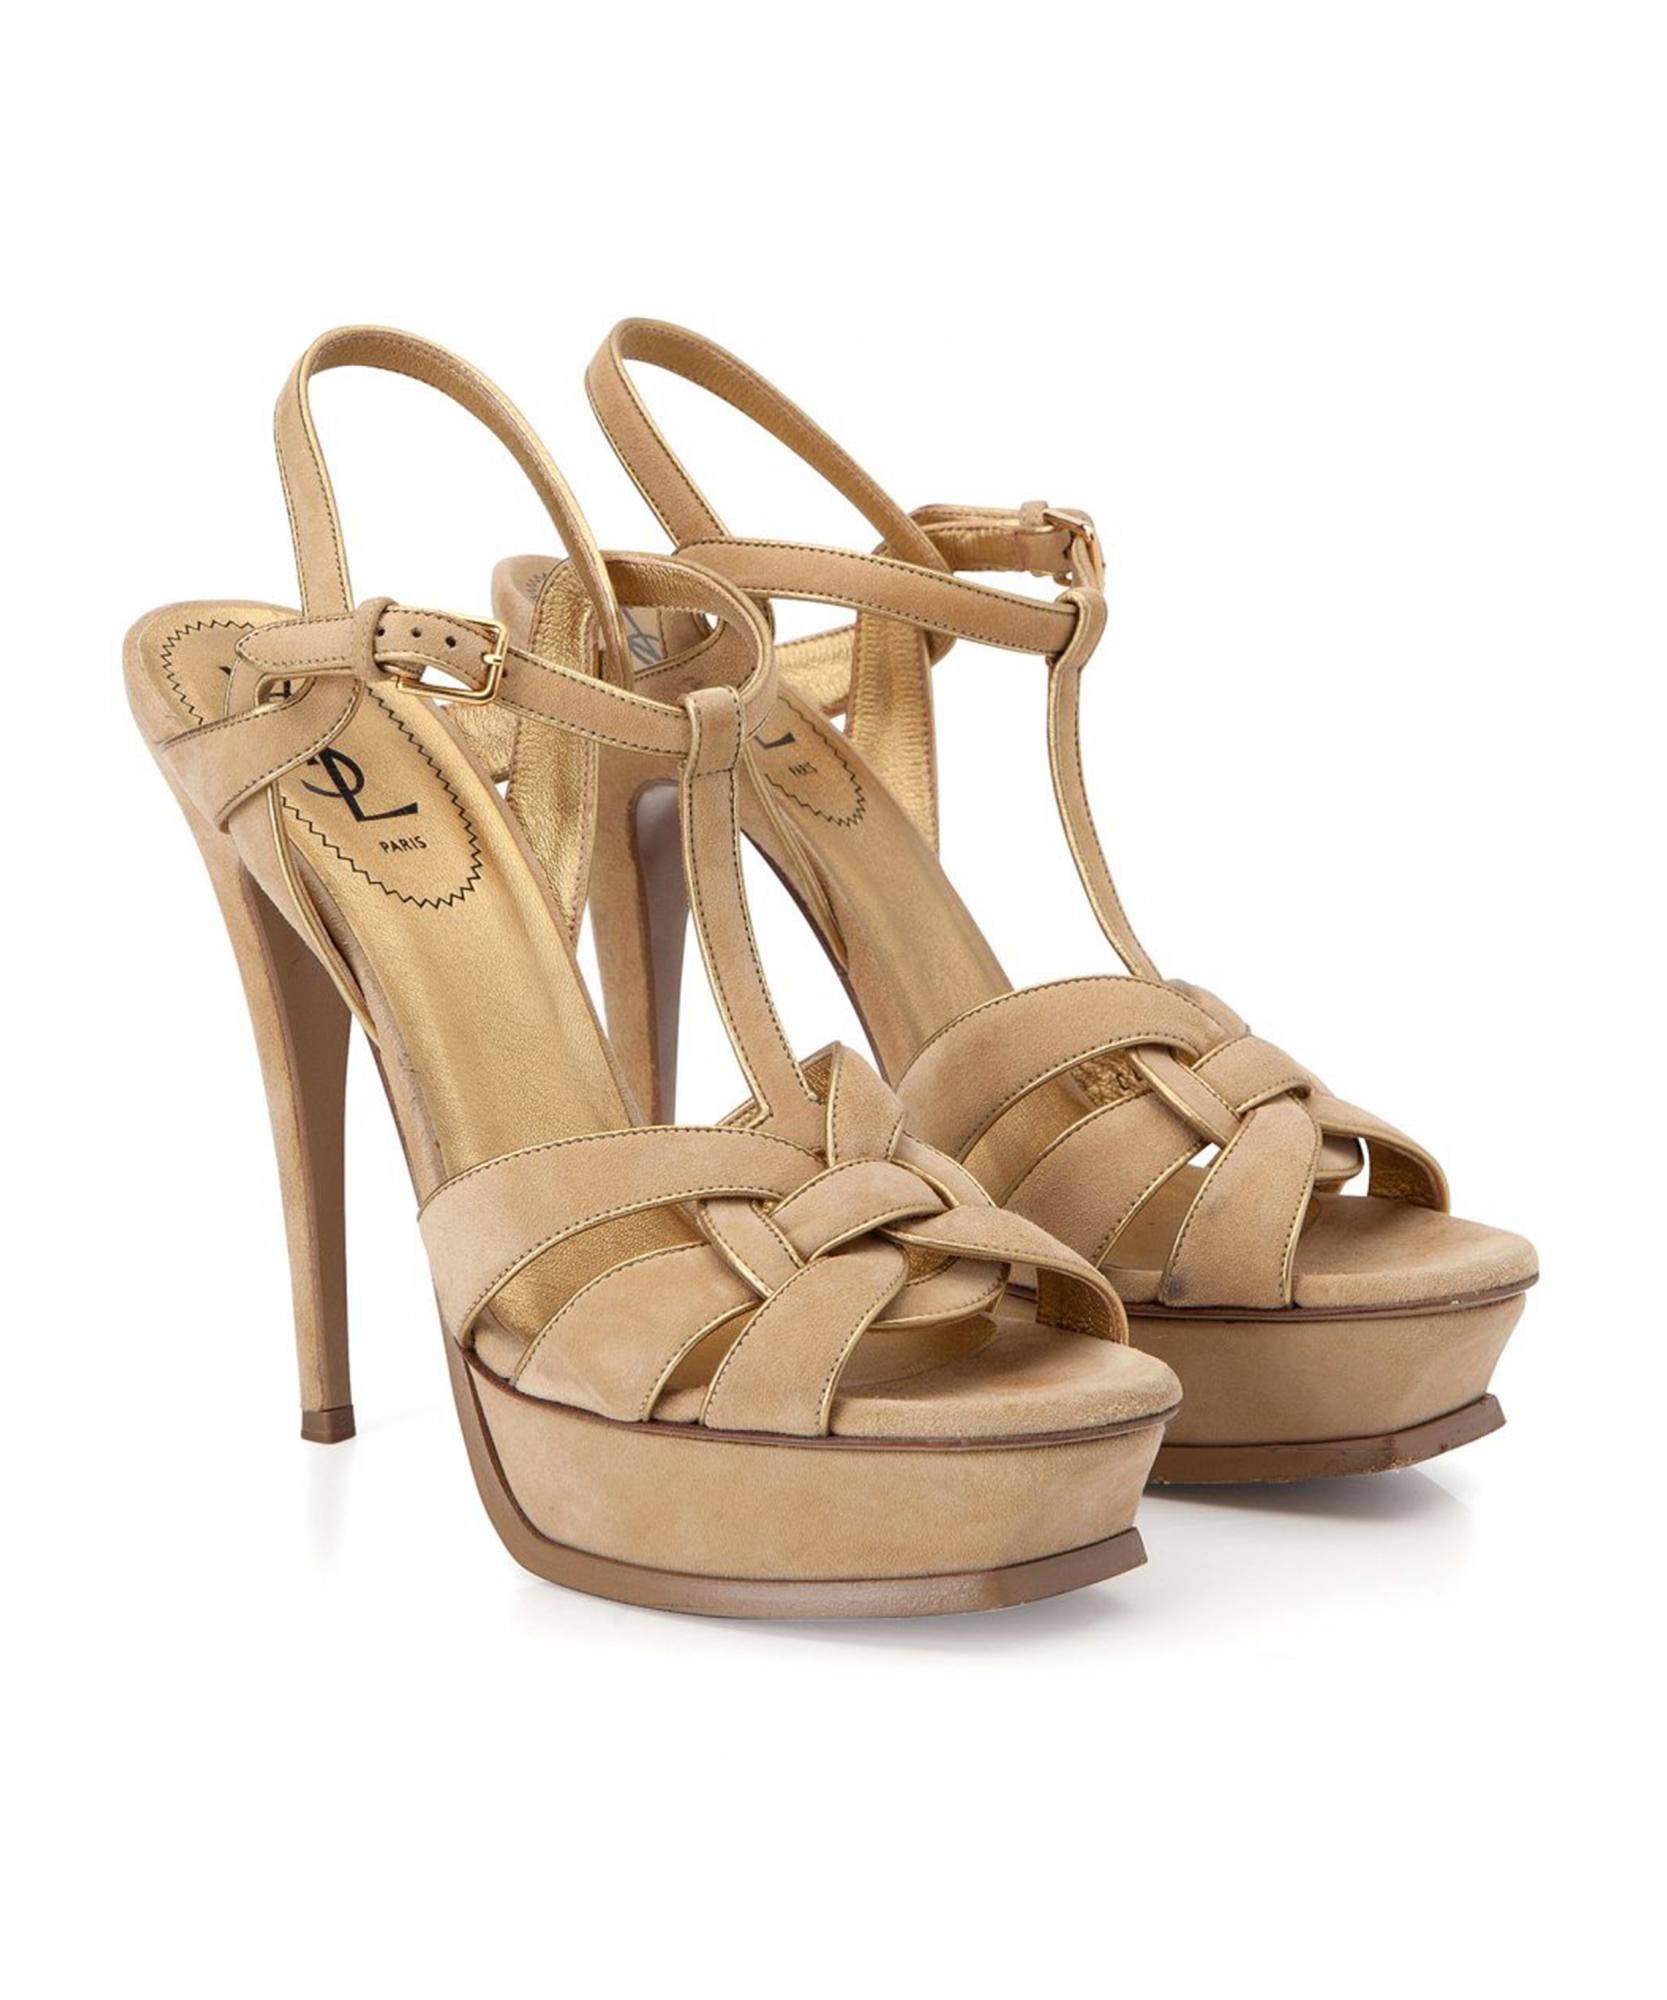 6b6e061d21 Yves Saint Laurent Nude Suede 'Tribute' Sandals   La Doyenne